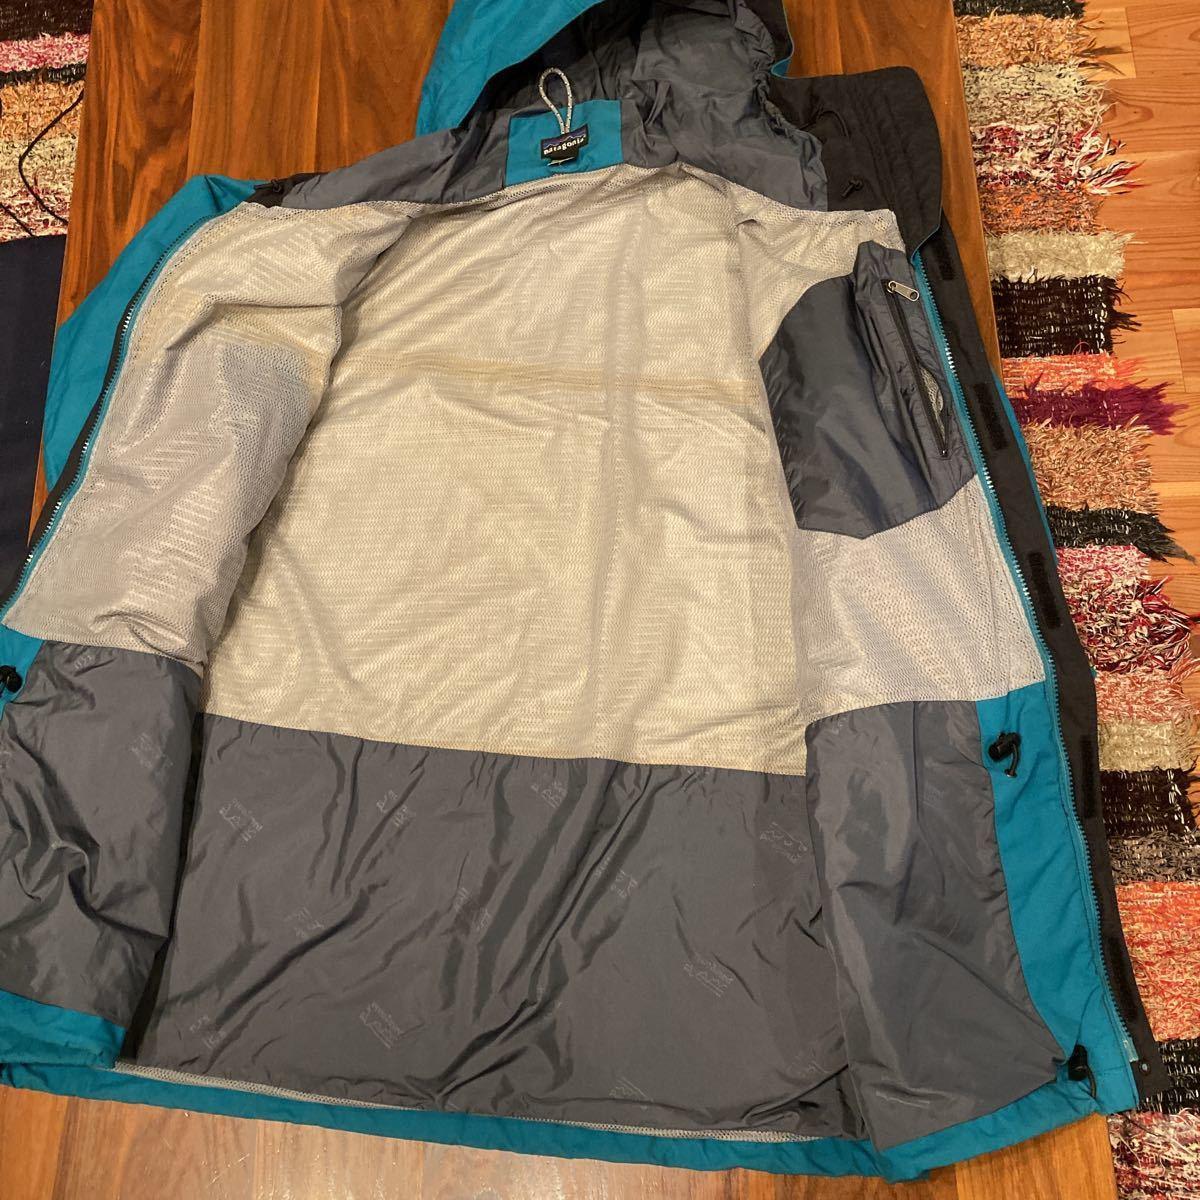 キレイ! patagonia 00年 ストームジャケット L エメラルドグリーン パタゴニア storm jacket マウンテンパーカー ナイロンジャケット_画像5